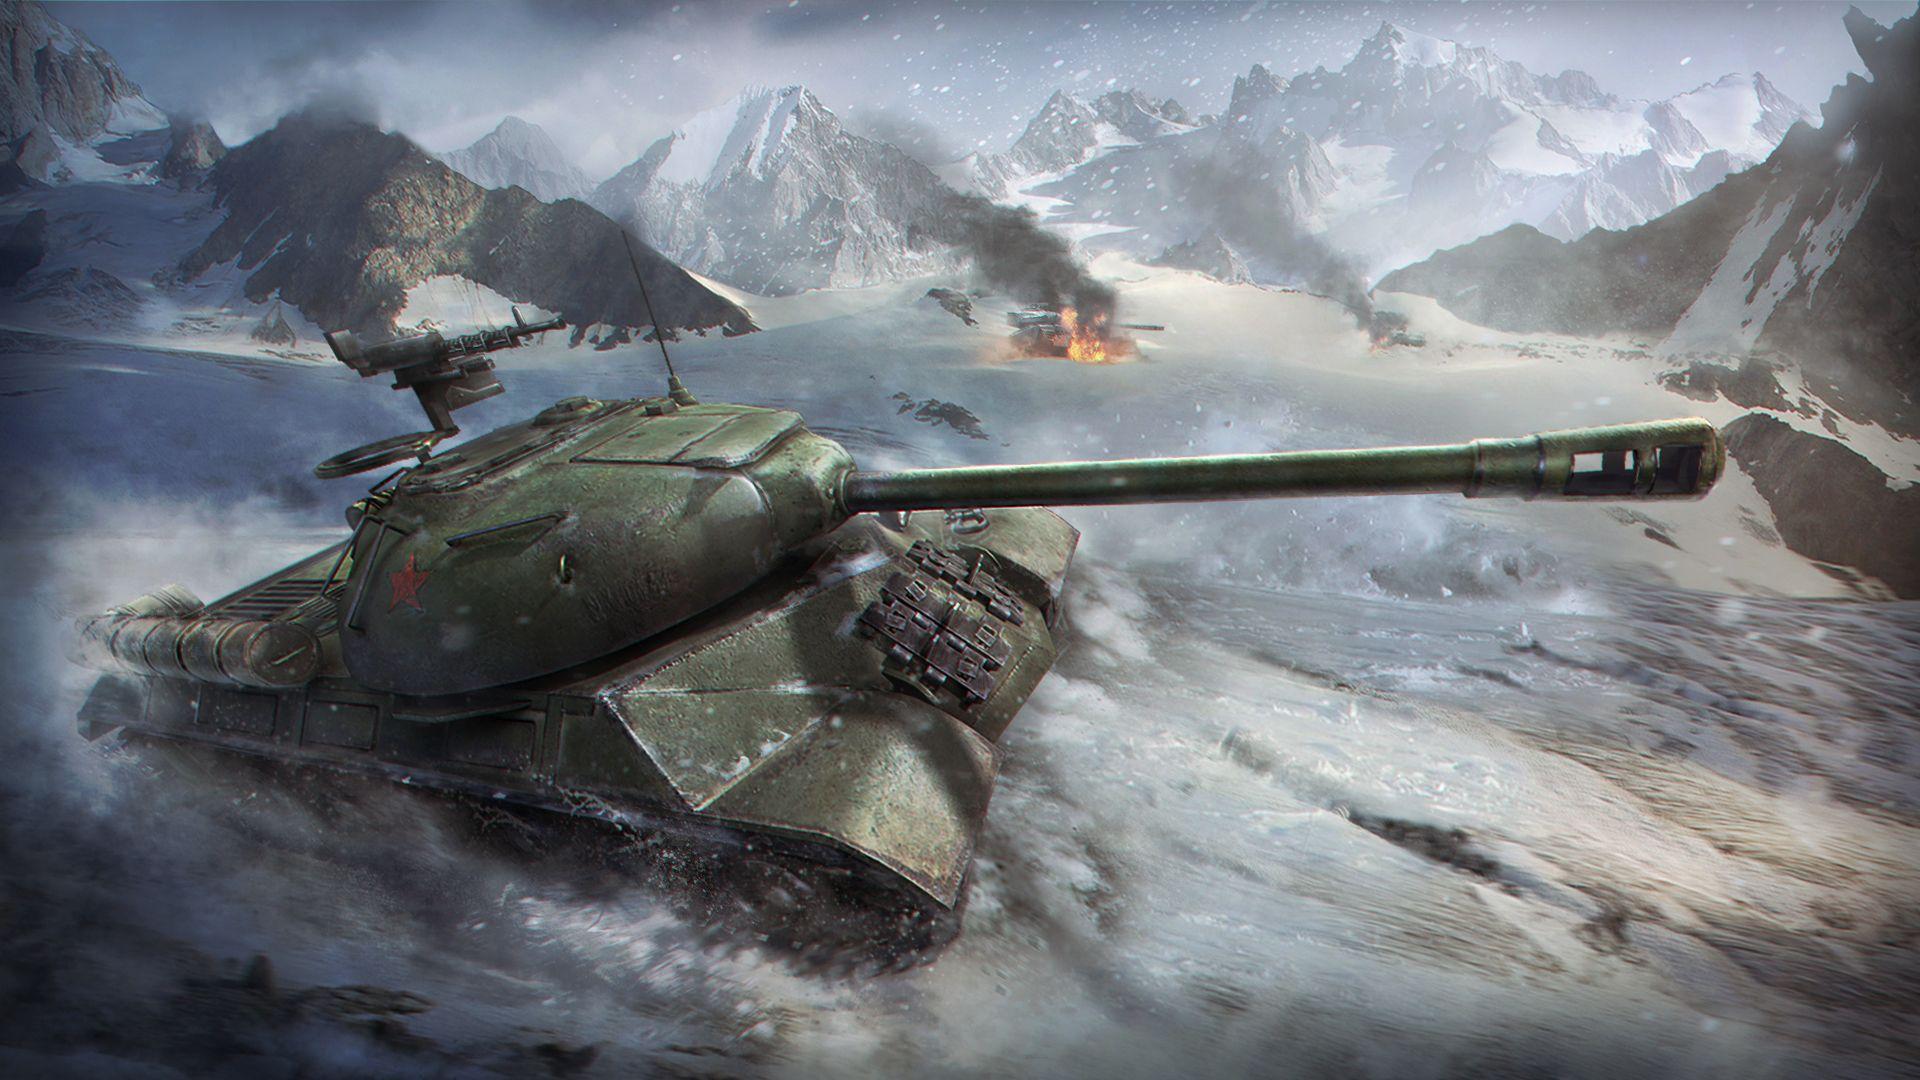 《铁甲风暴》 ——军事迷的狂欢季